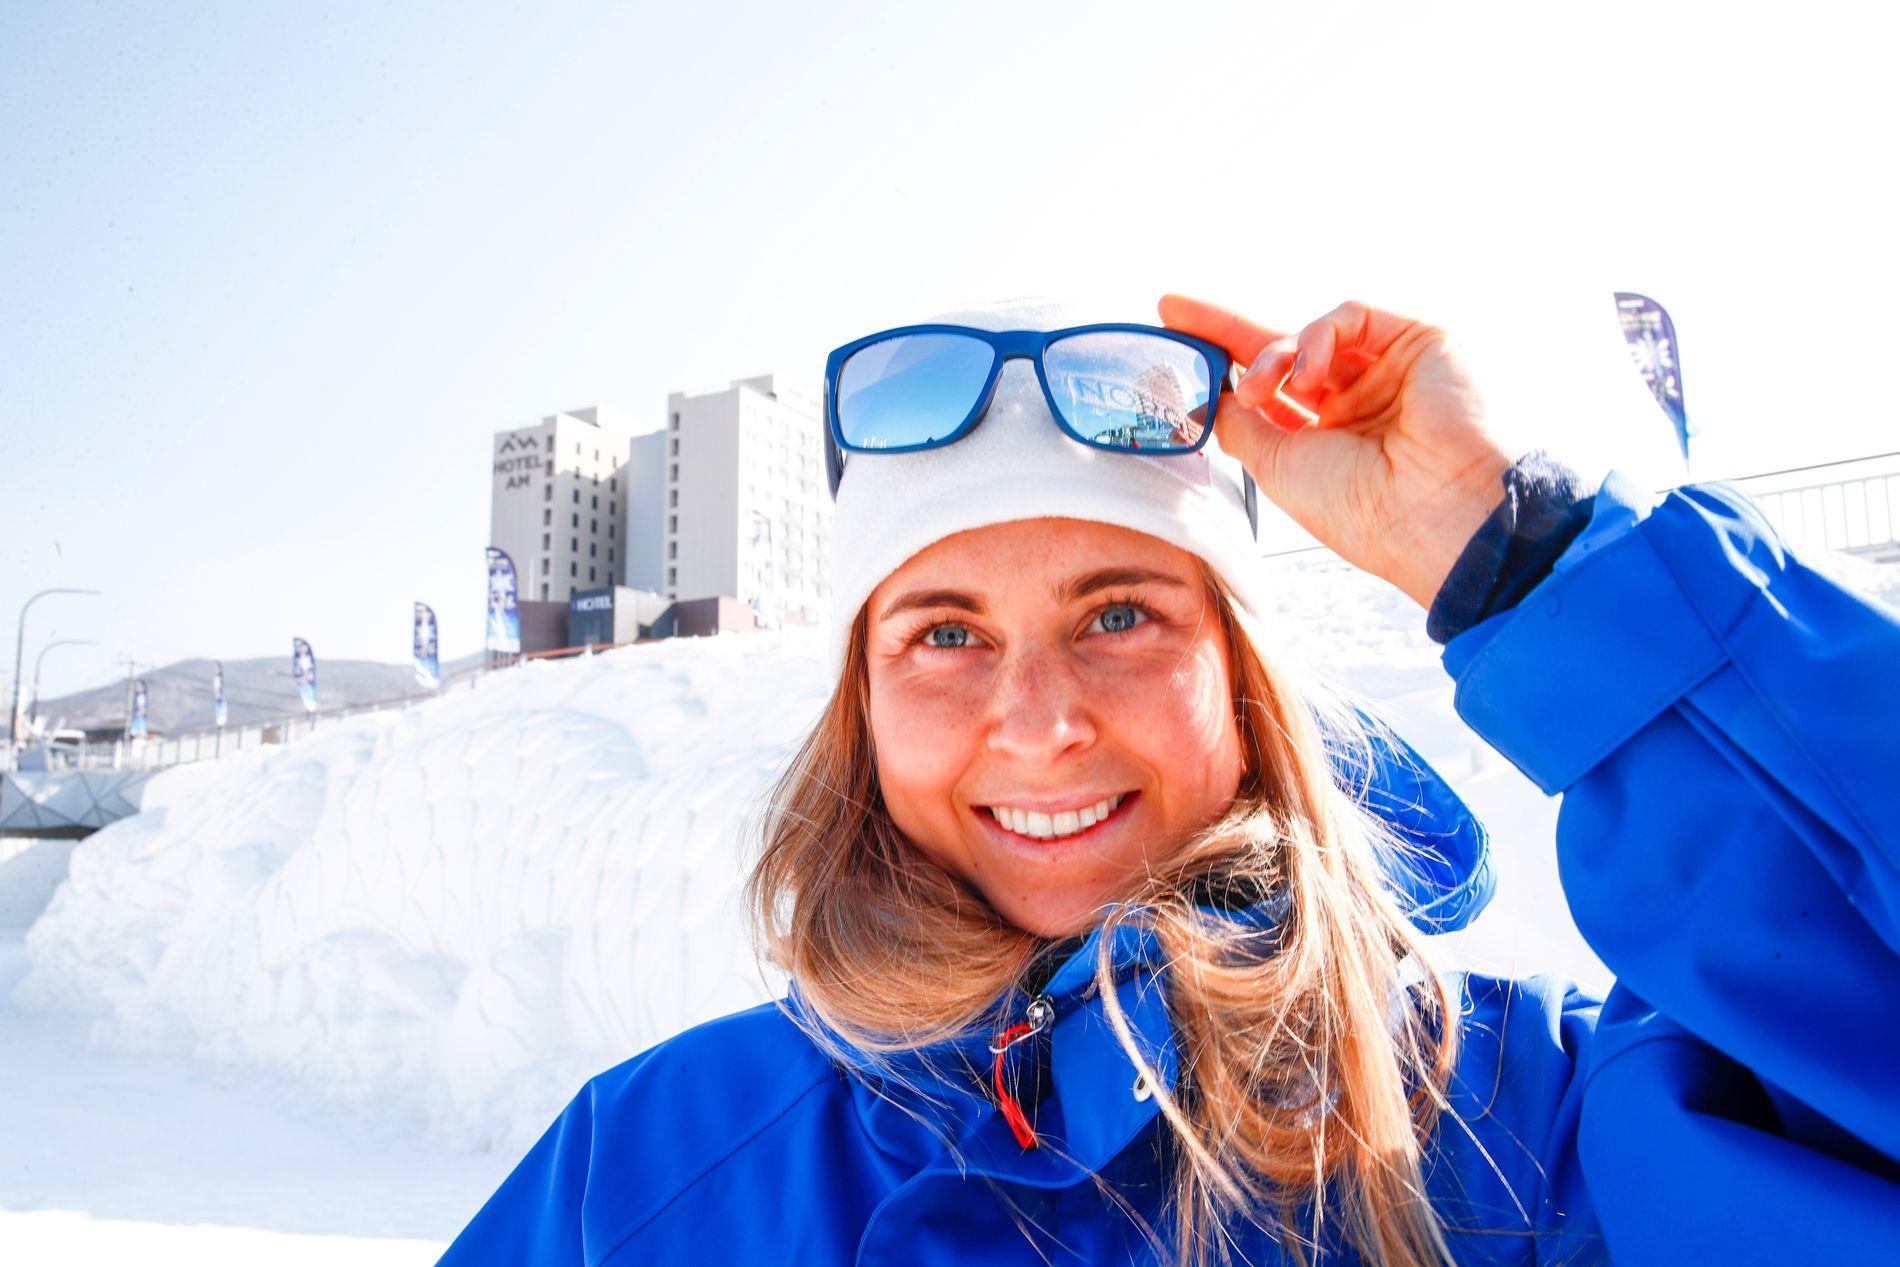 SMILET TILBAKE: Etter det hun beskriver som en «skikkelig bra sommer» er Ingrid Landmark Tandrevold klar for den kommende sesongen.